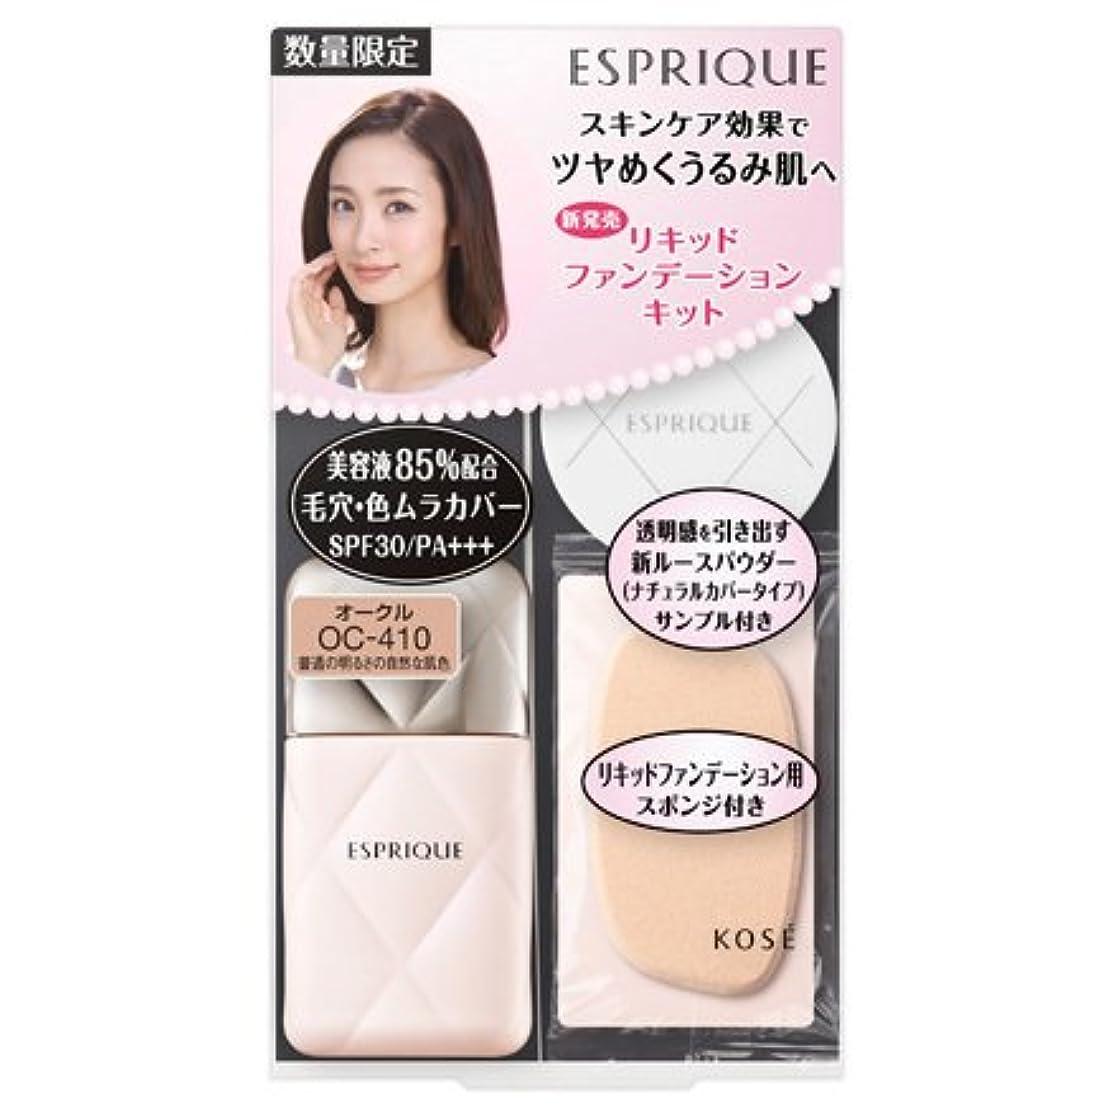 美容師悲しい足音コーセー エスプリーク スキンケア ファンデーション UV 限定キット OC-410